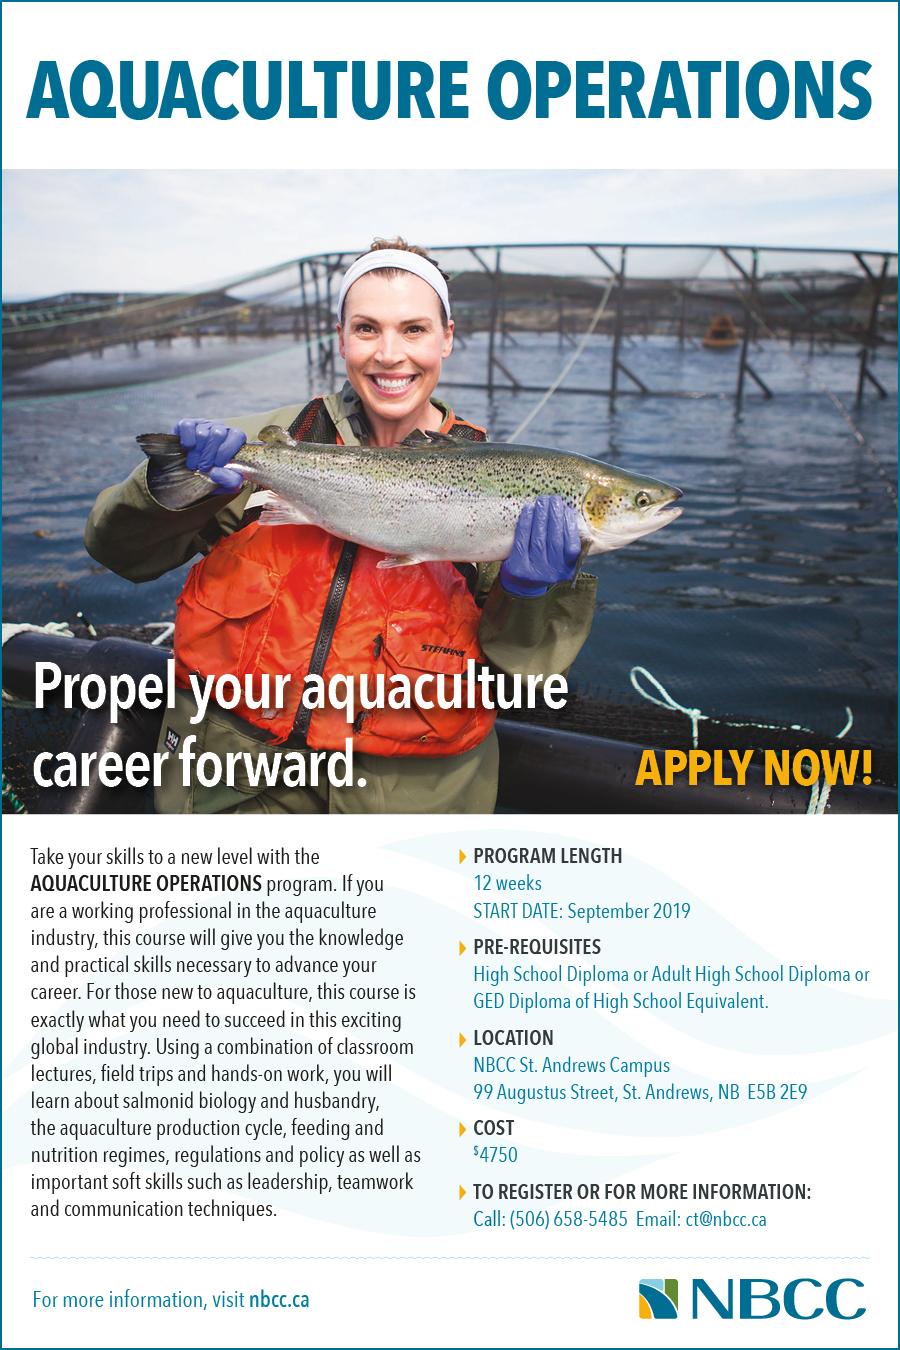 Aquaculture Operations_E-Blast June 2019.jpg